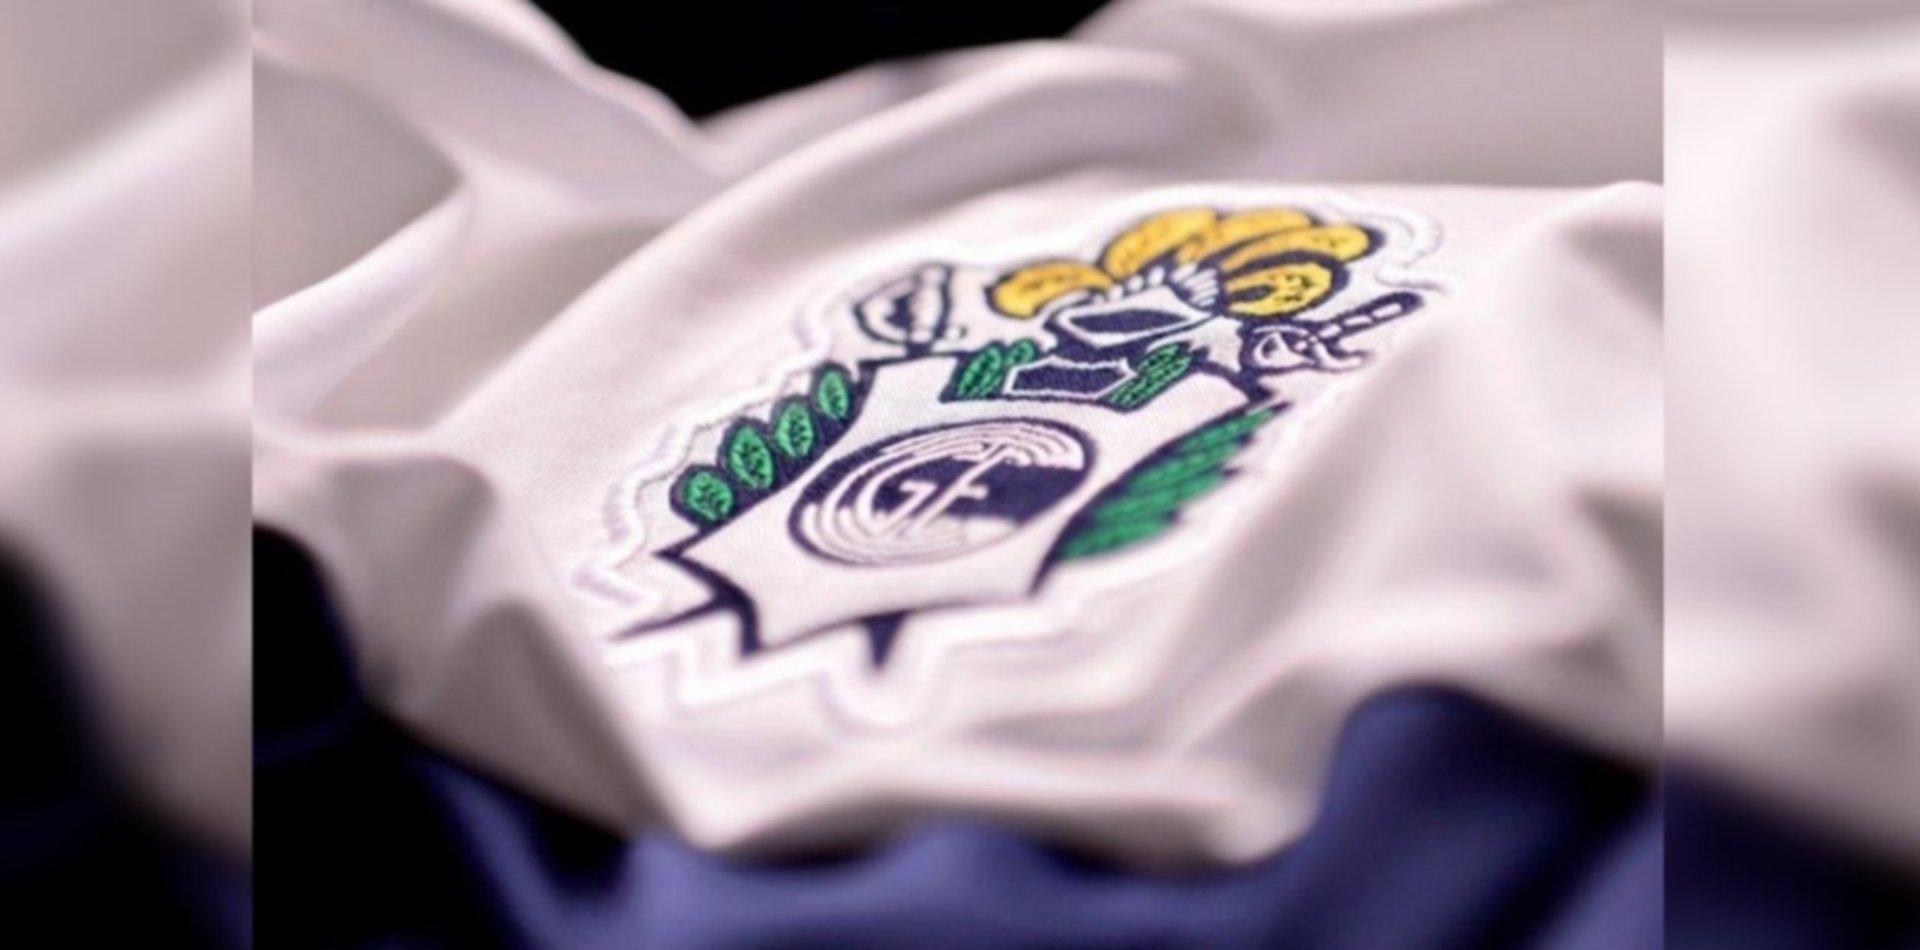 Gimnasia cambia de sponsors y renovará la indumentaria de los jugadores y Maradona